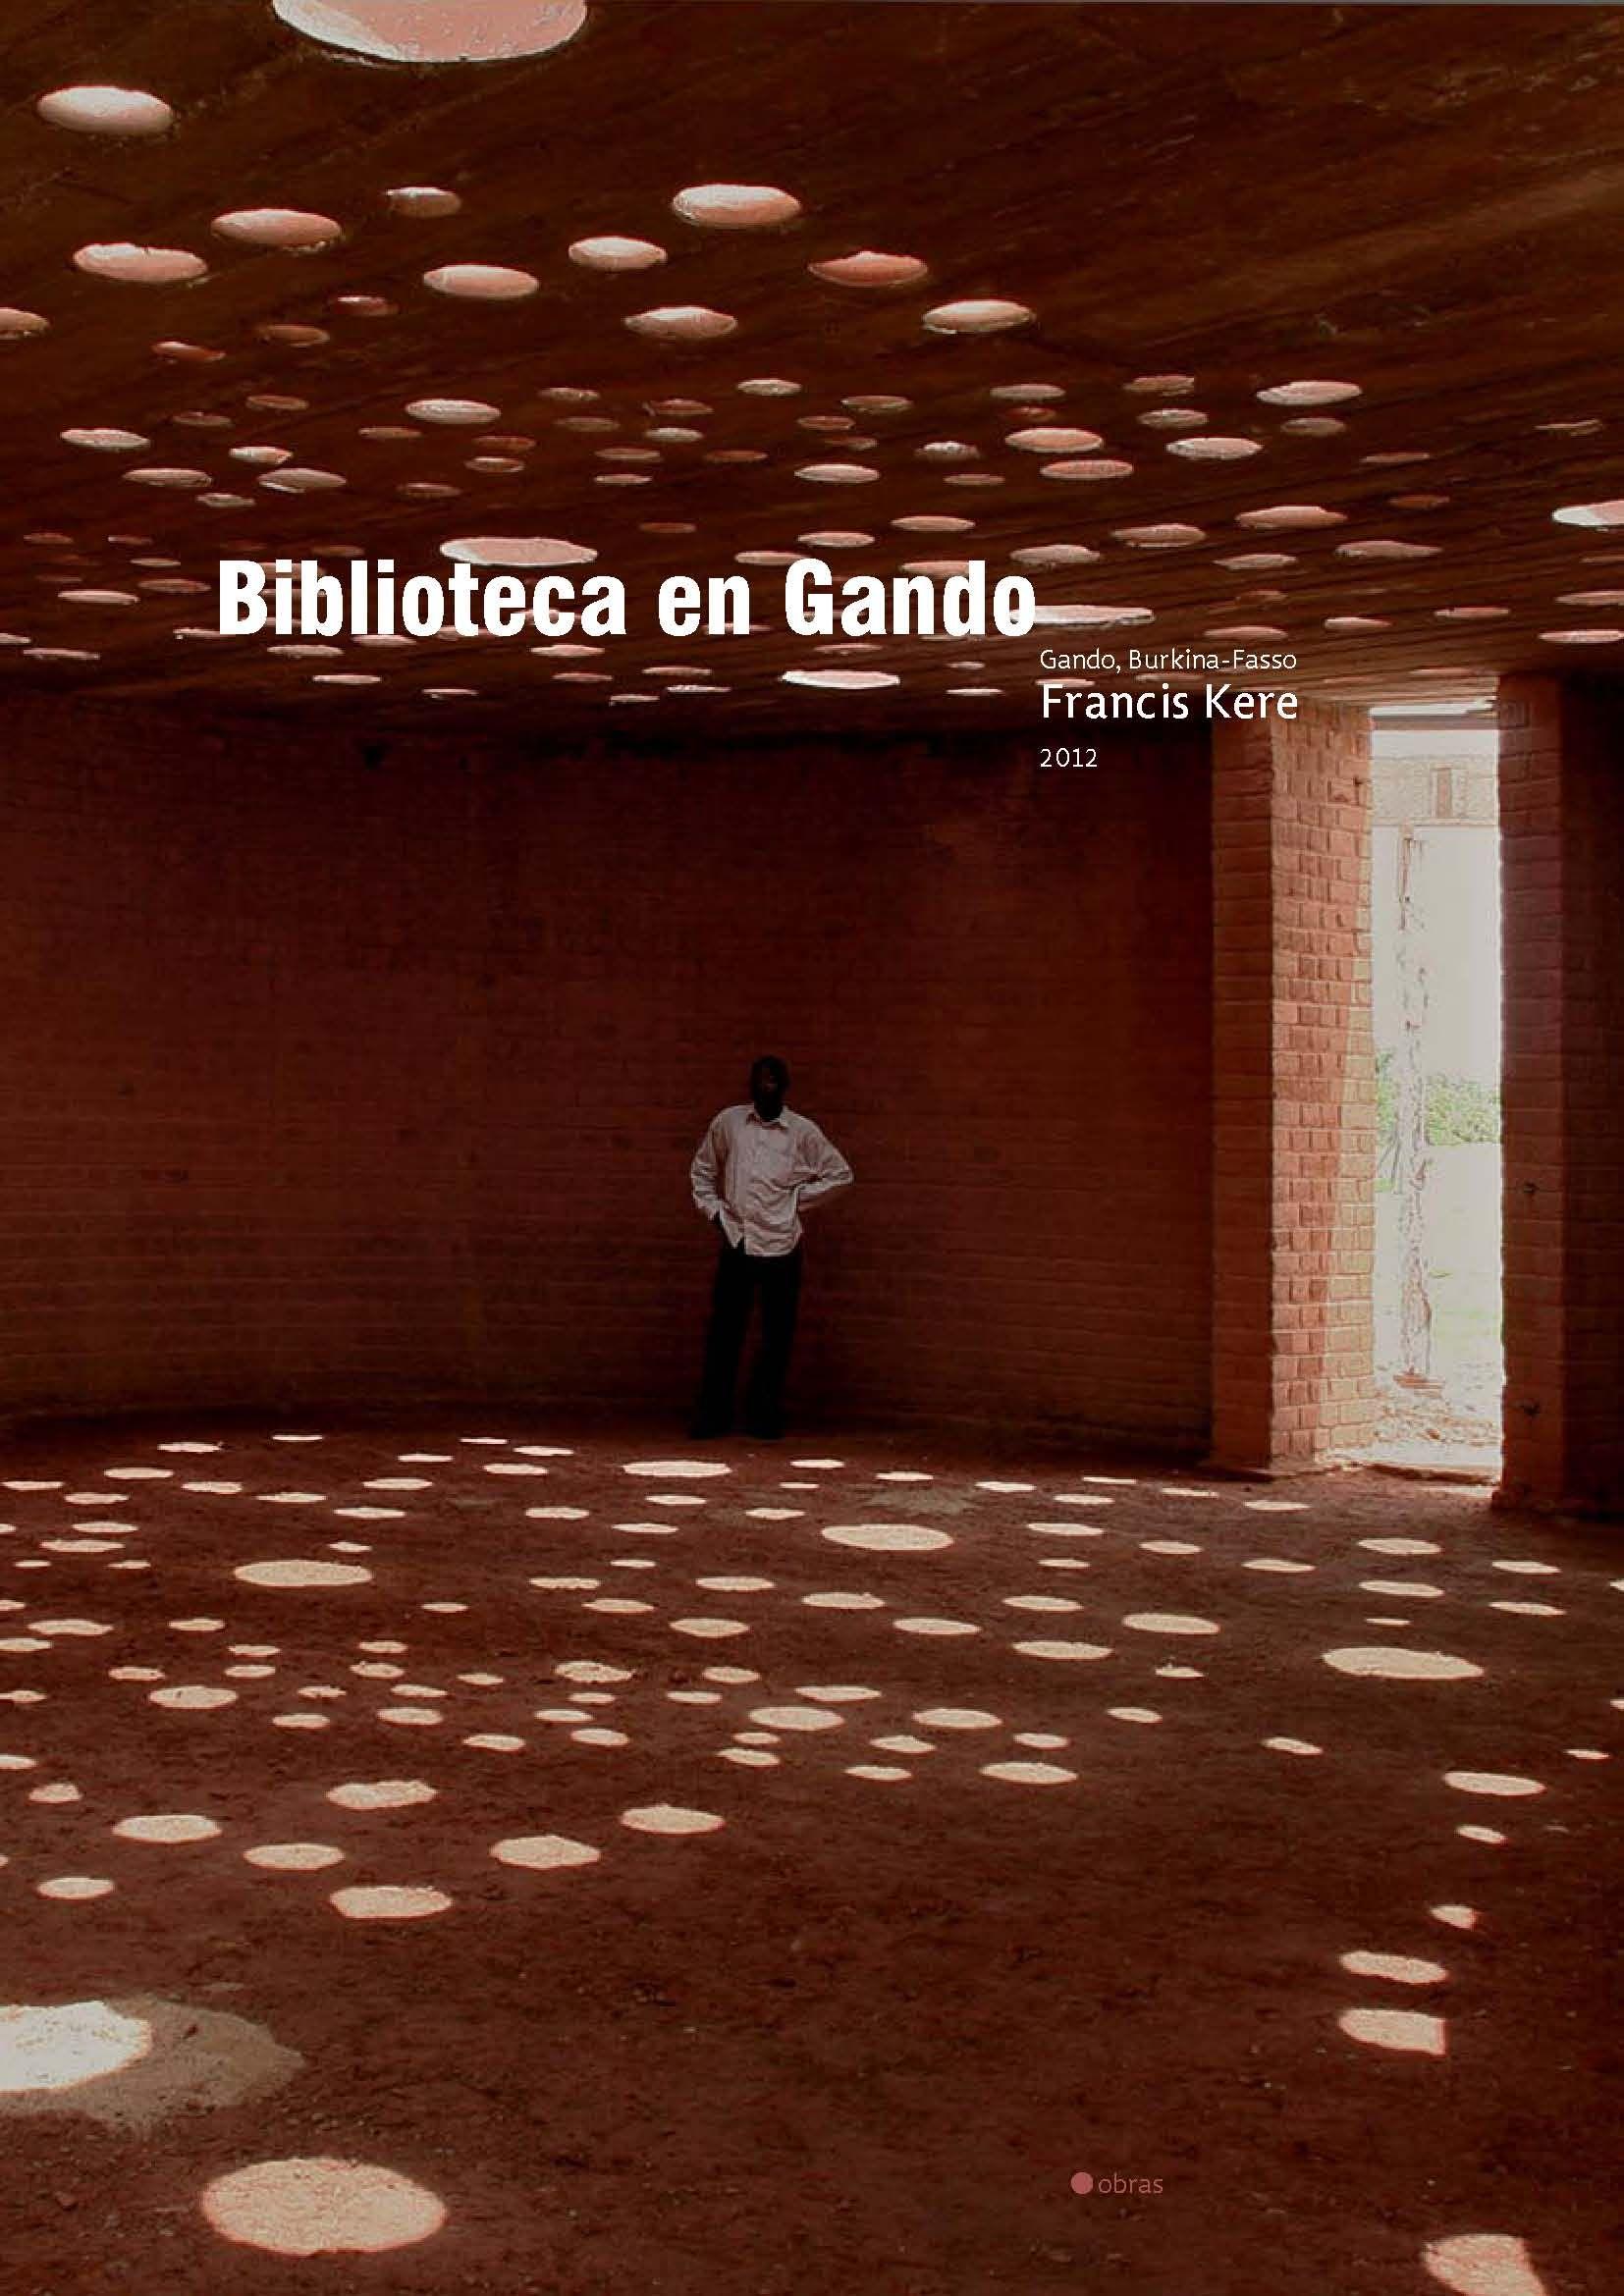 Biblioteca de Gando (Burkina Faso) http://tectonicablog.com/docs/Gando.pdf